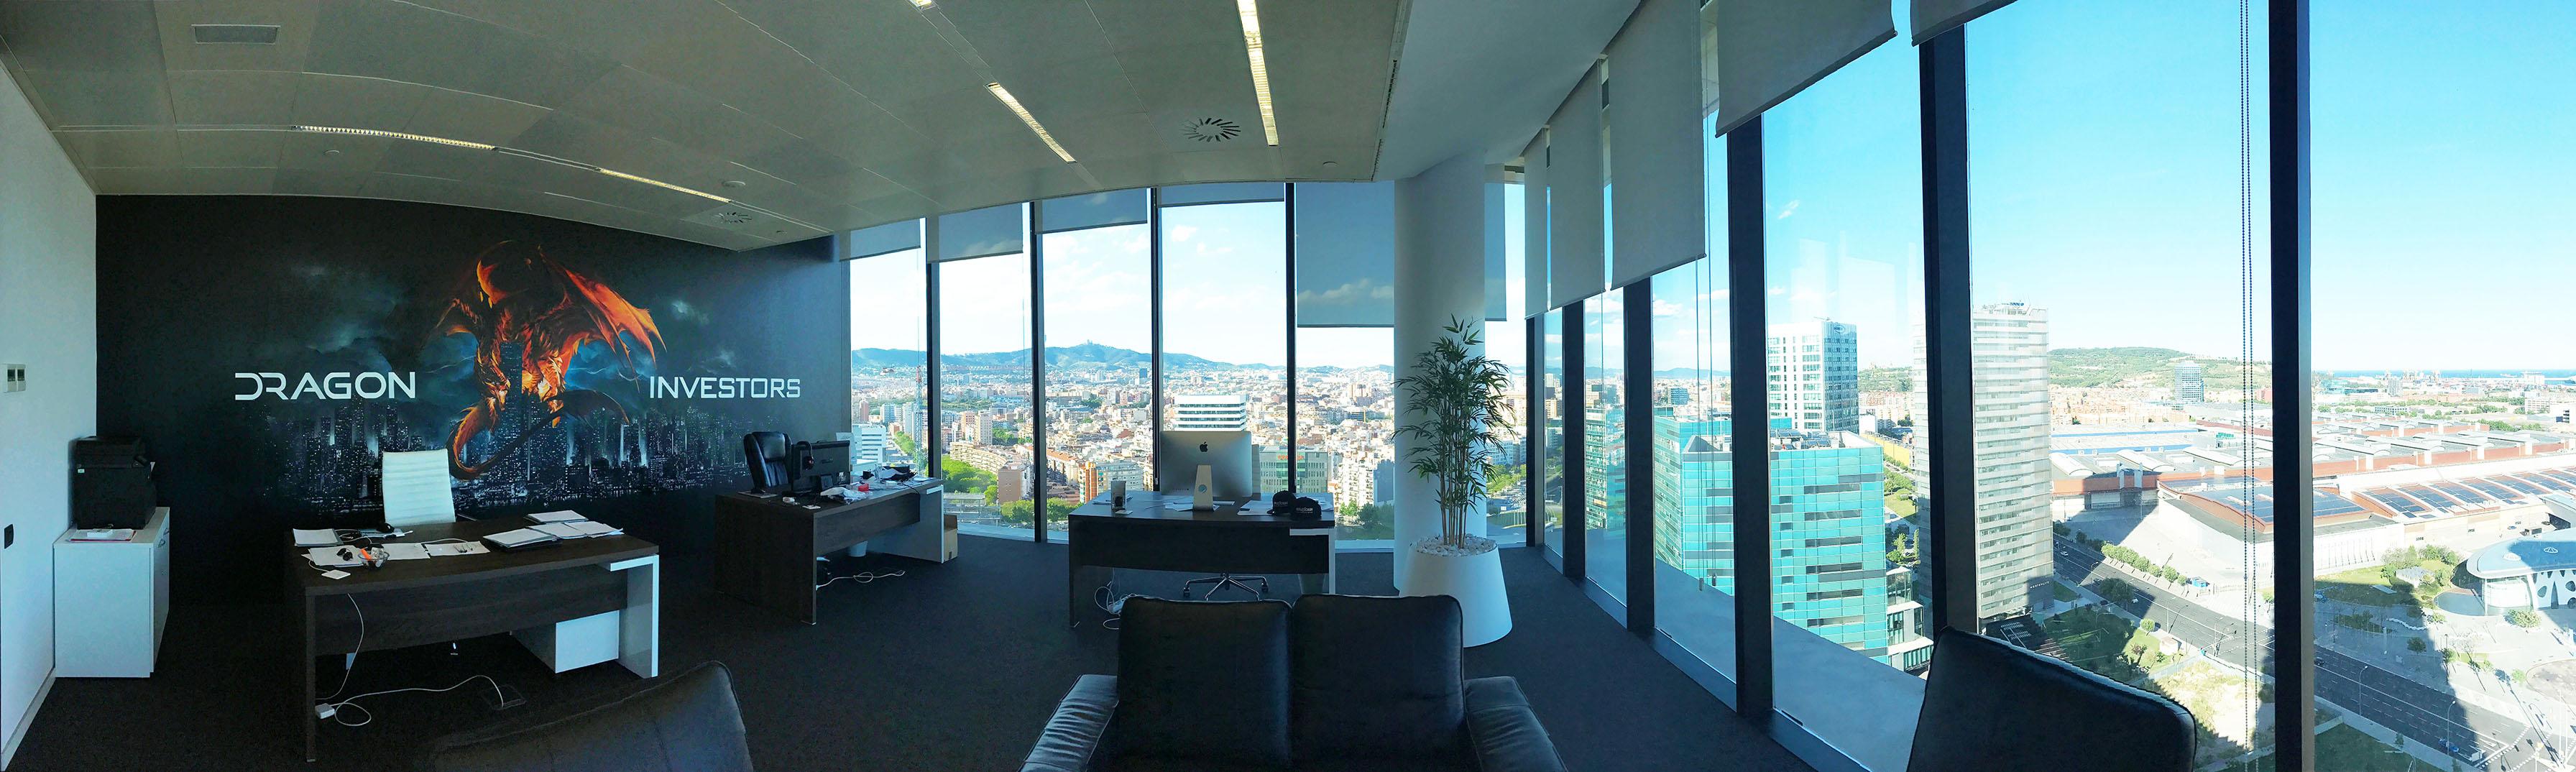 Panorama de la fresque réalisée par frédéric michel-langlet (fredml) à barcelone dans les bureaux de dragon investors